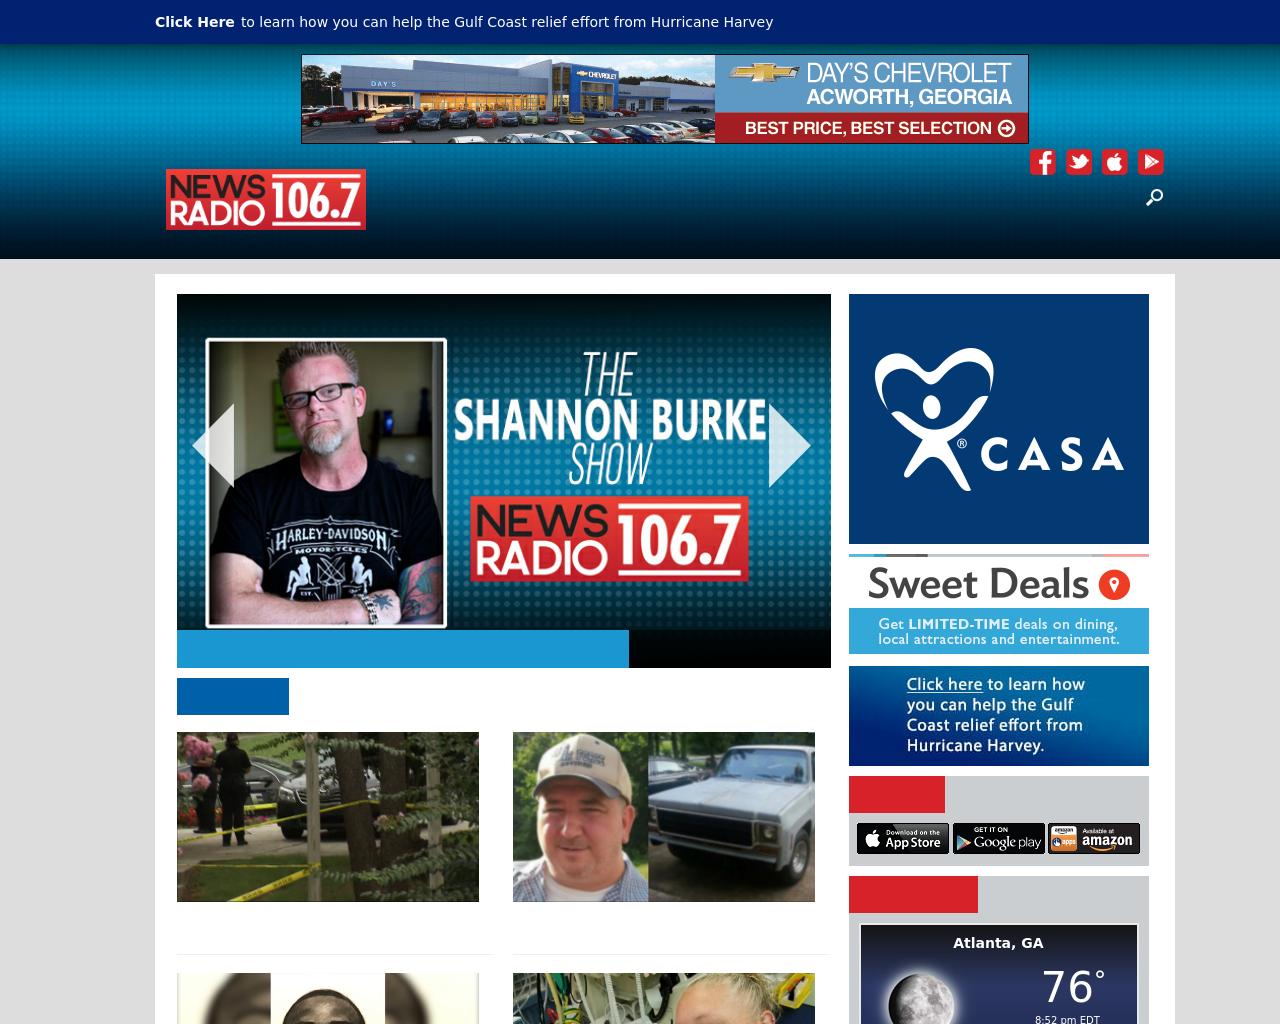 News-Radio-106.7-Advertising-Reviews-Pricing